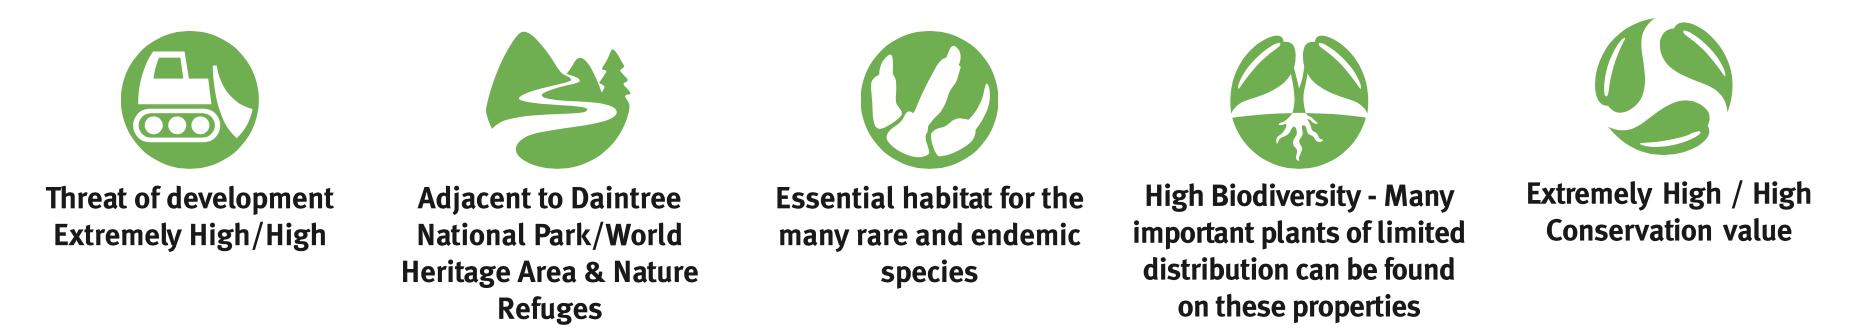 conservation_alerts